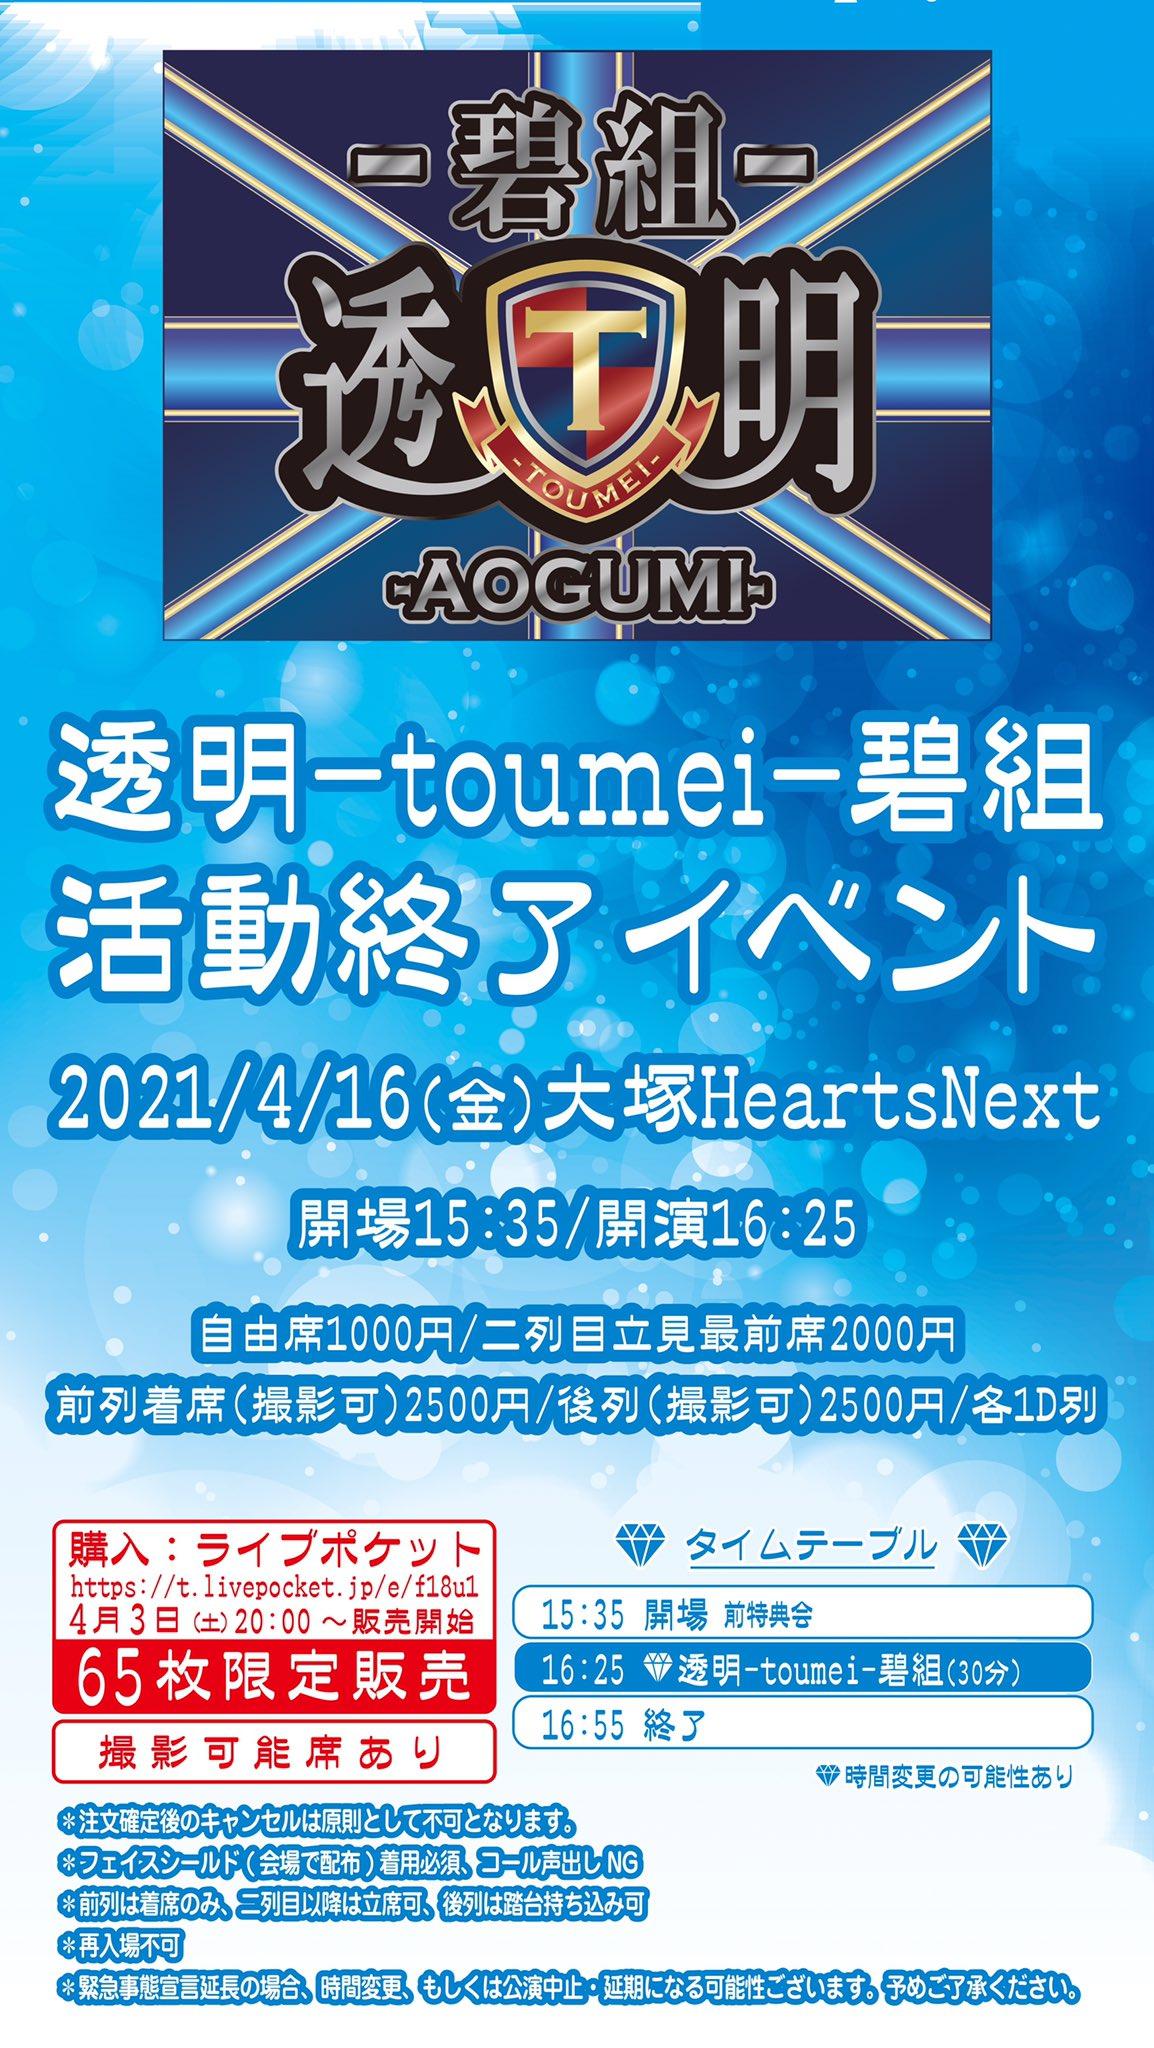 【透明-toumei-碧組 活動終了イベント】